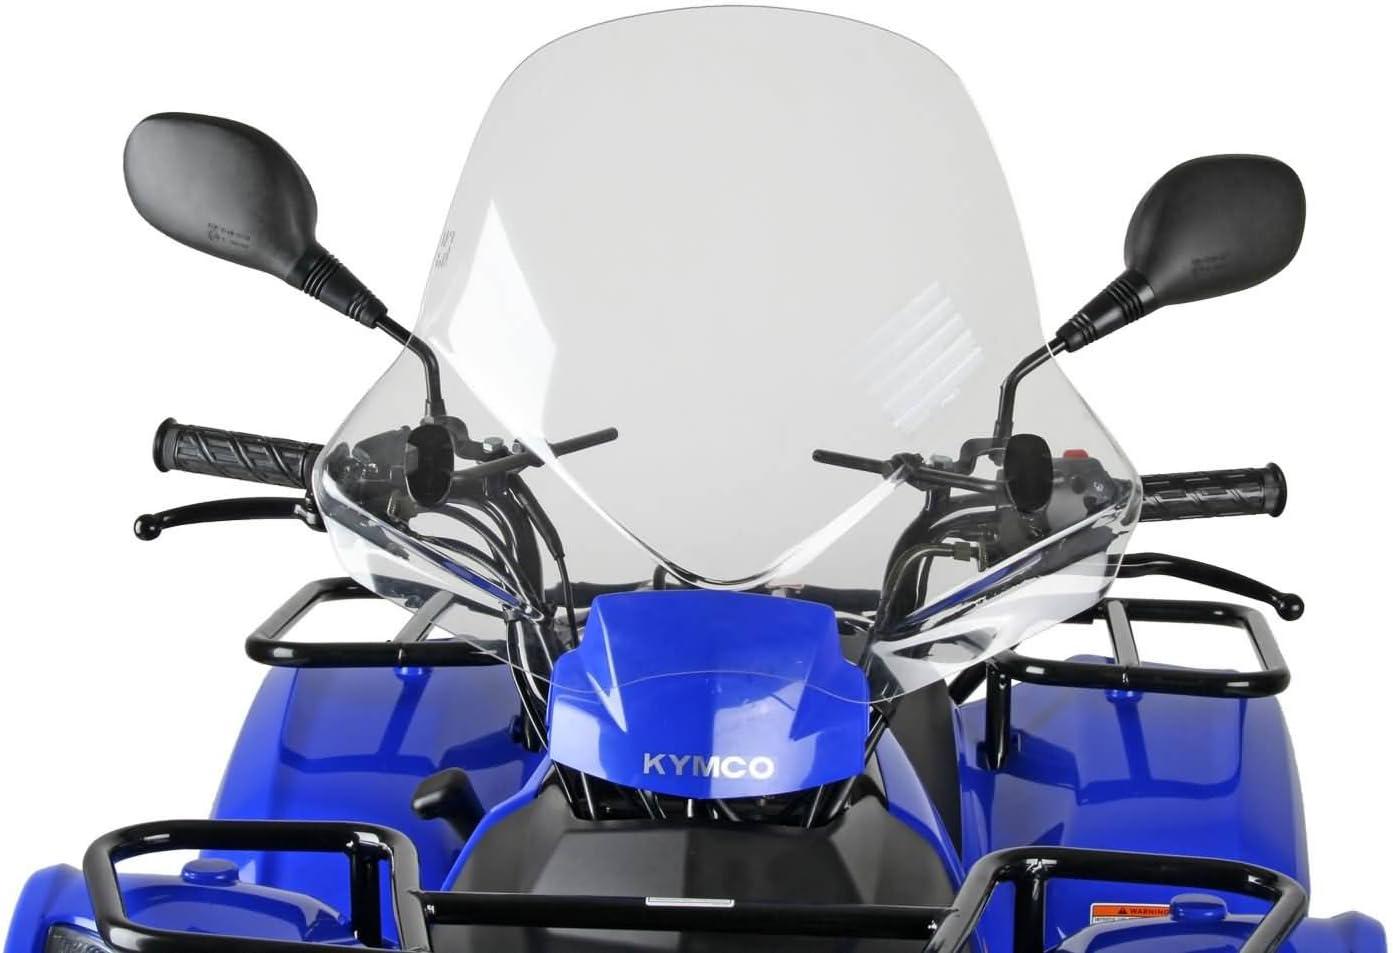 Windschild Windschutzscheibe Speeds Für Kymco Atv Quad Auto